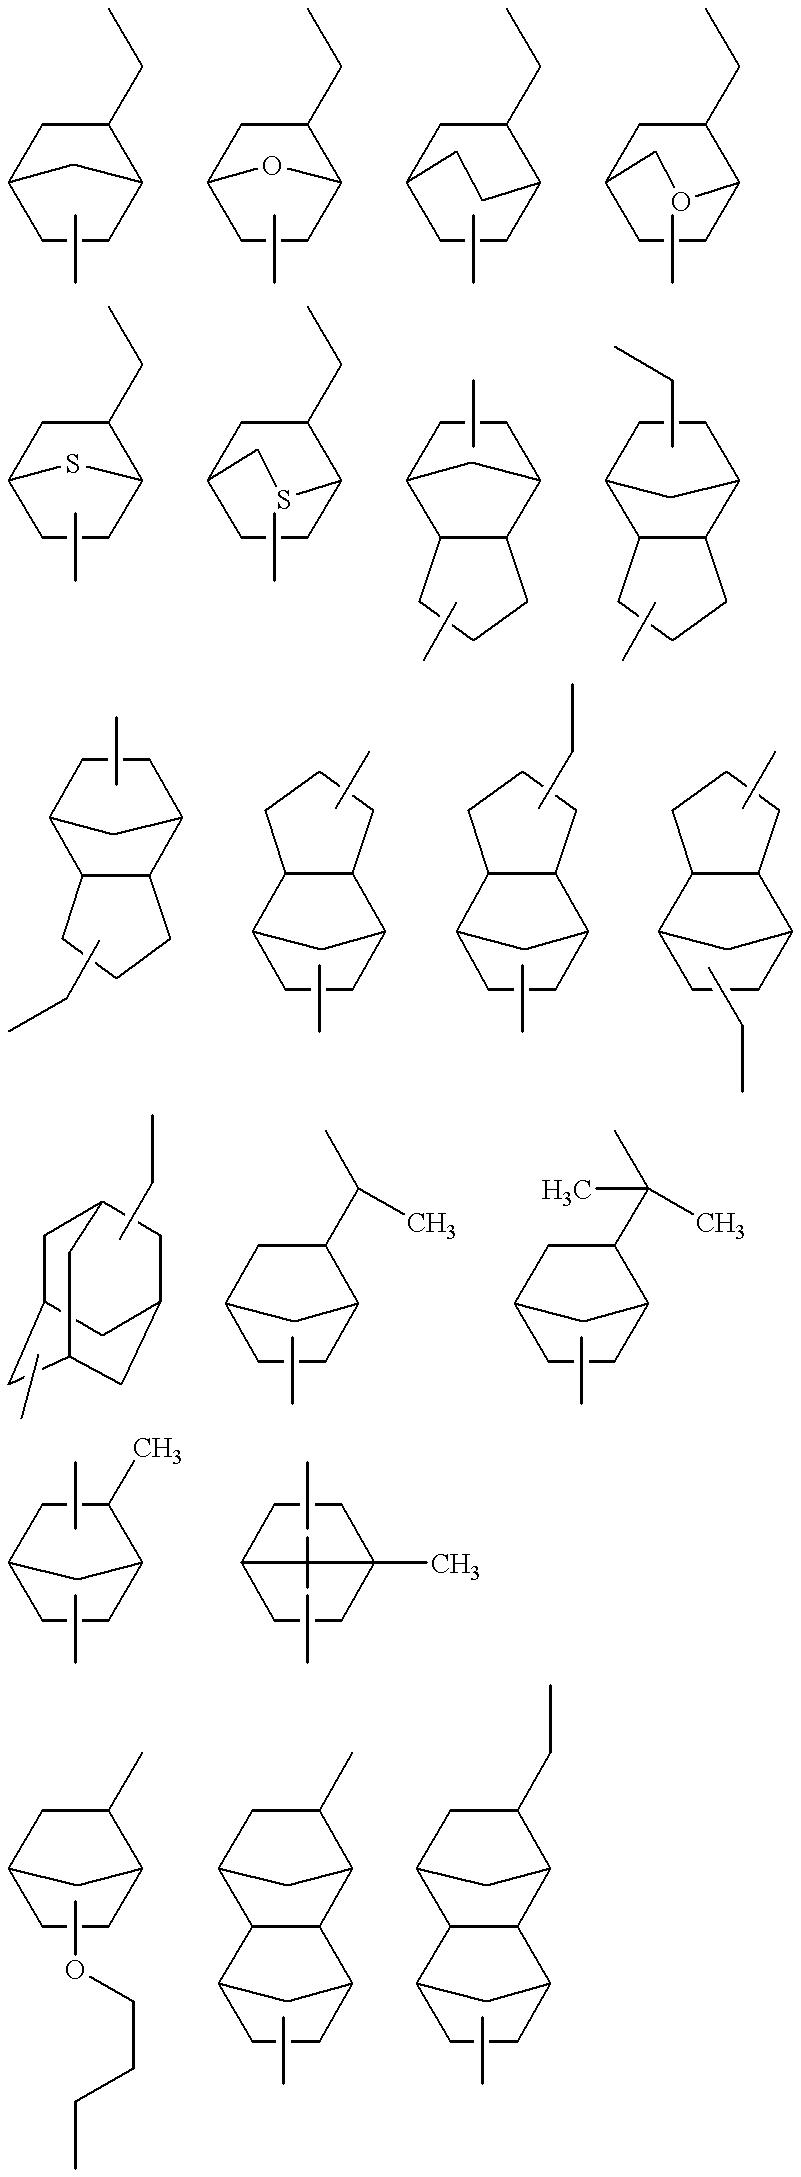 Figure US06623909-20030923-C00005